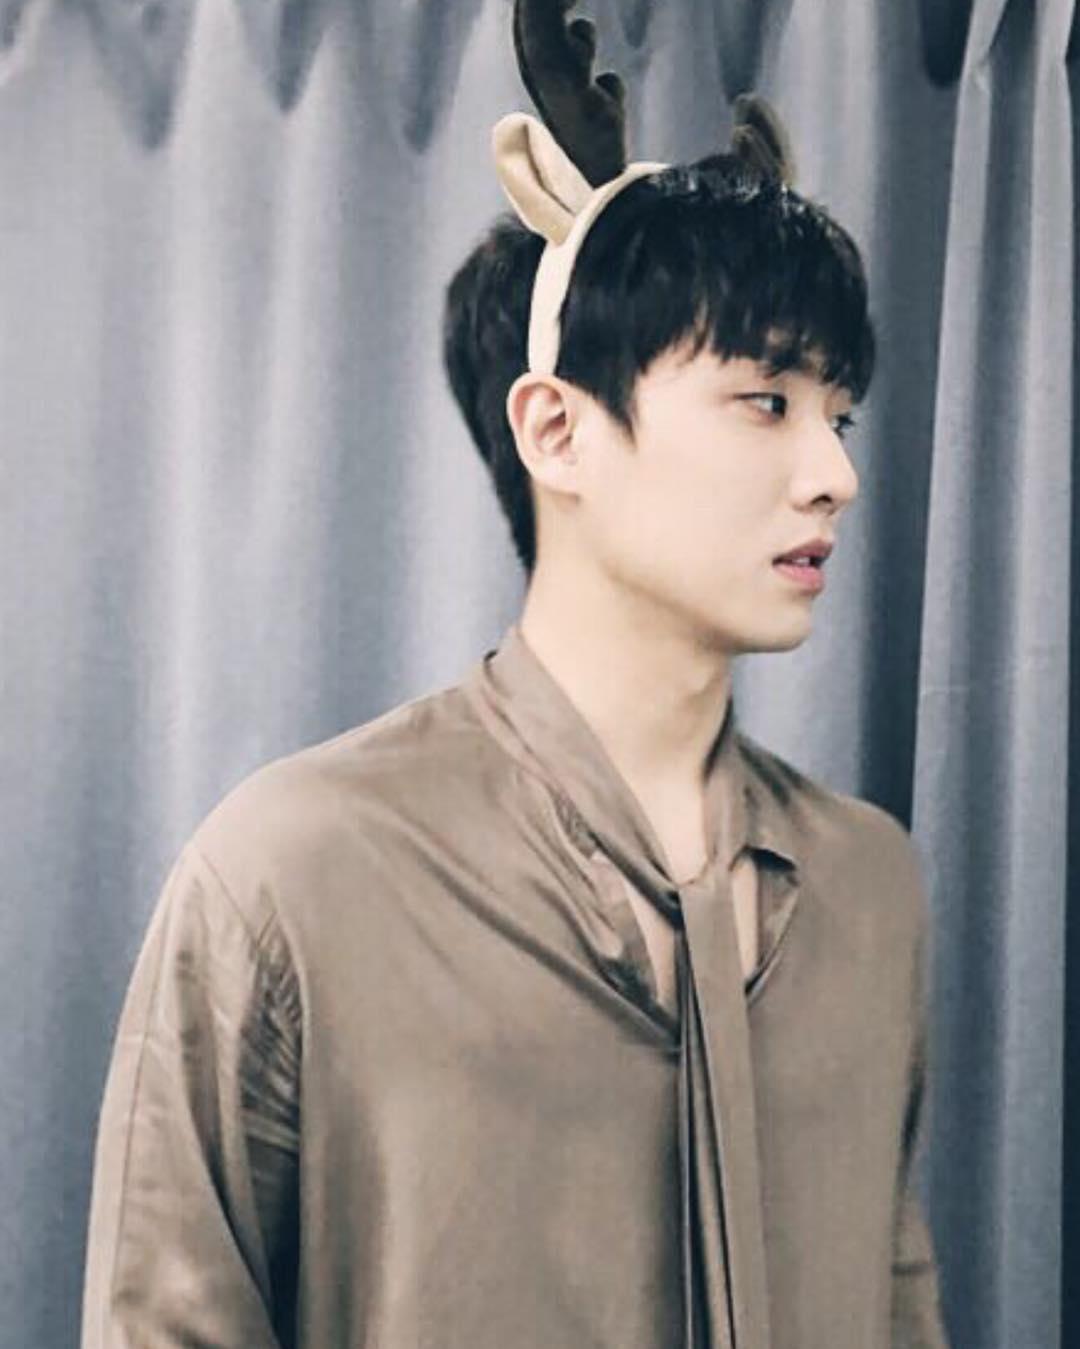 Lee Joon Reindeer Antlers